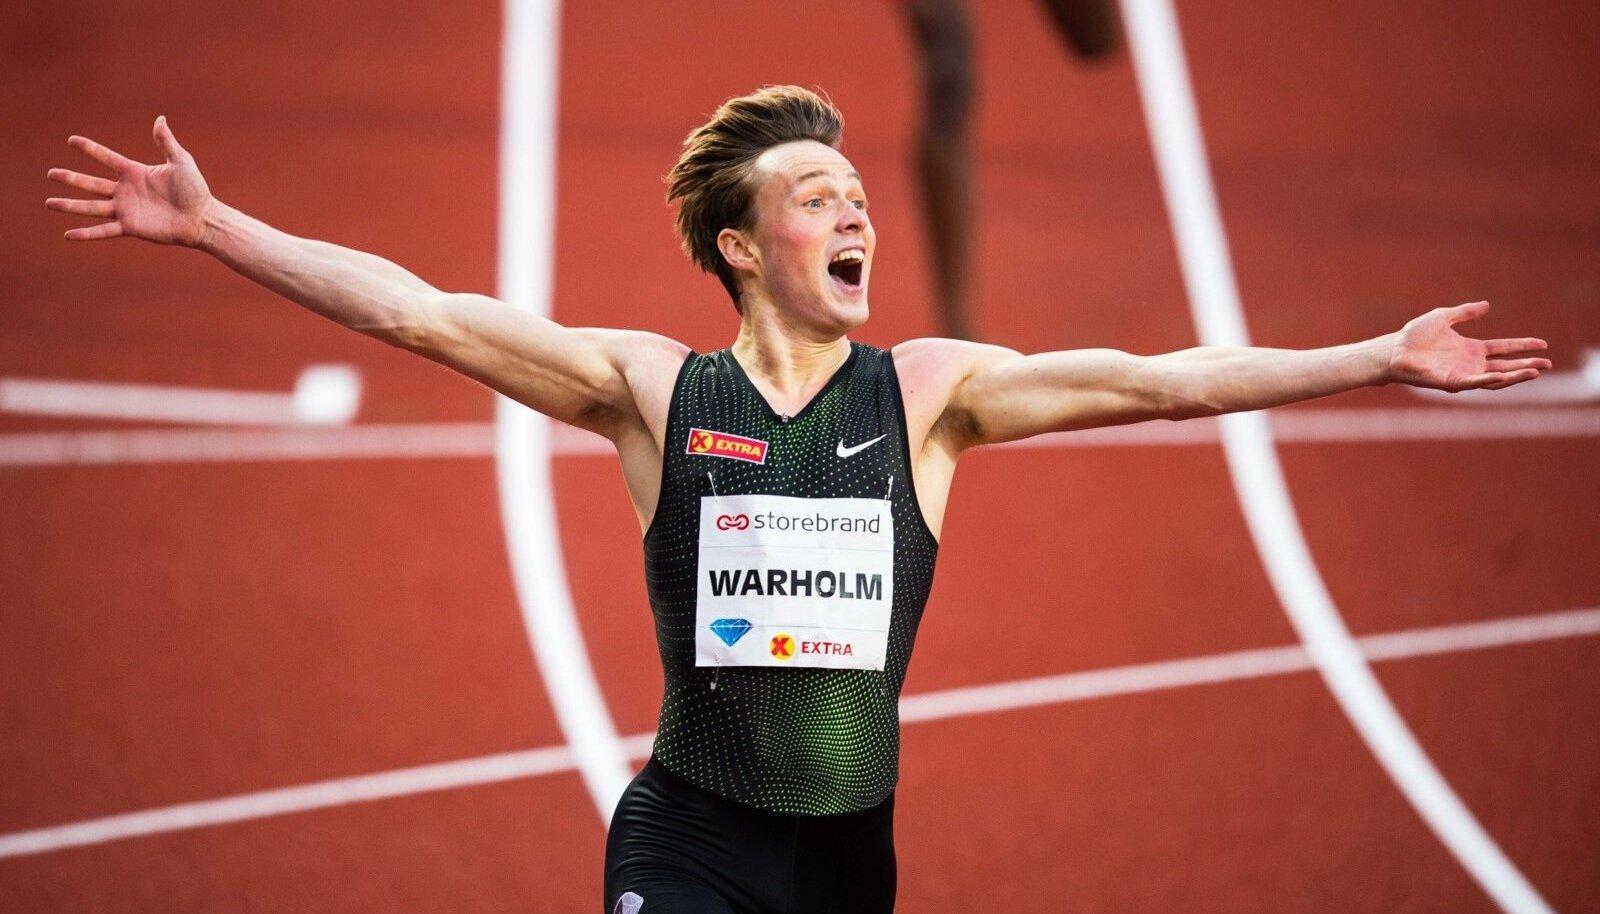 190613 Karsten Warholm of Norway celebrates after winning the men s 400 meter hurdles during Bislet